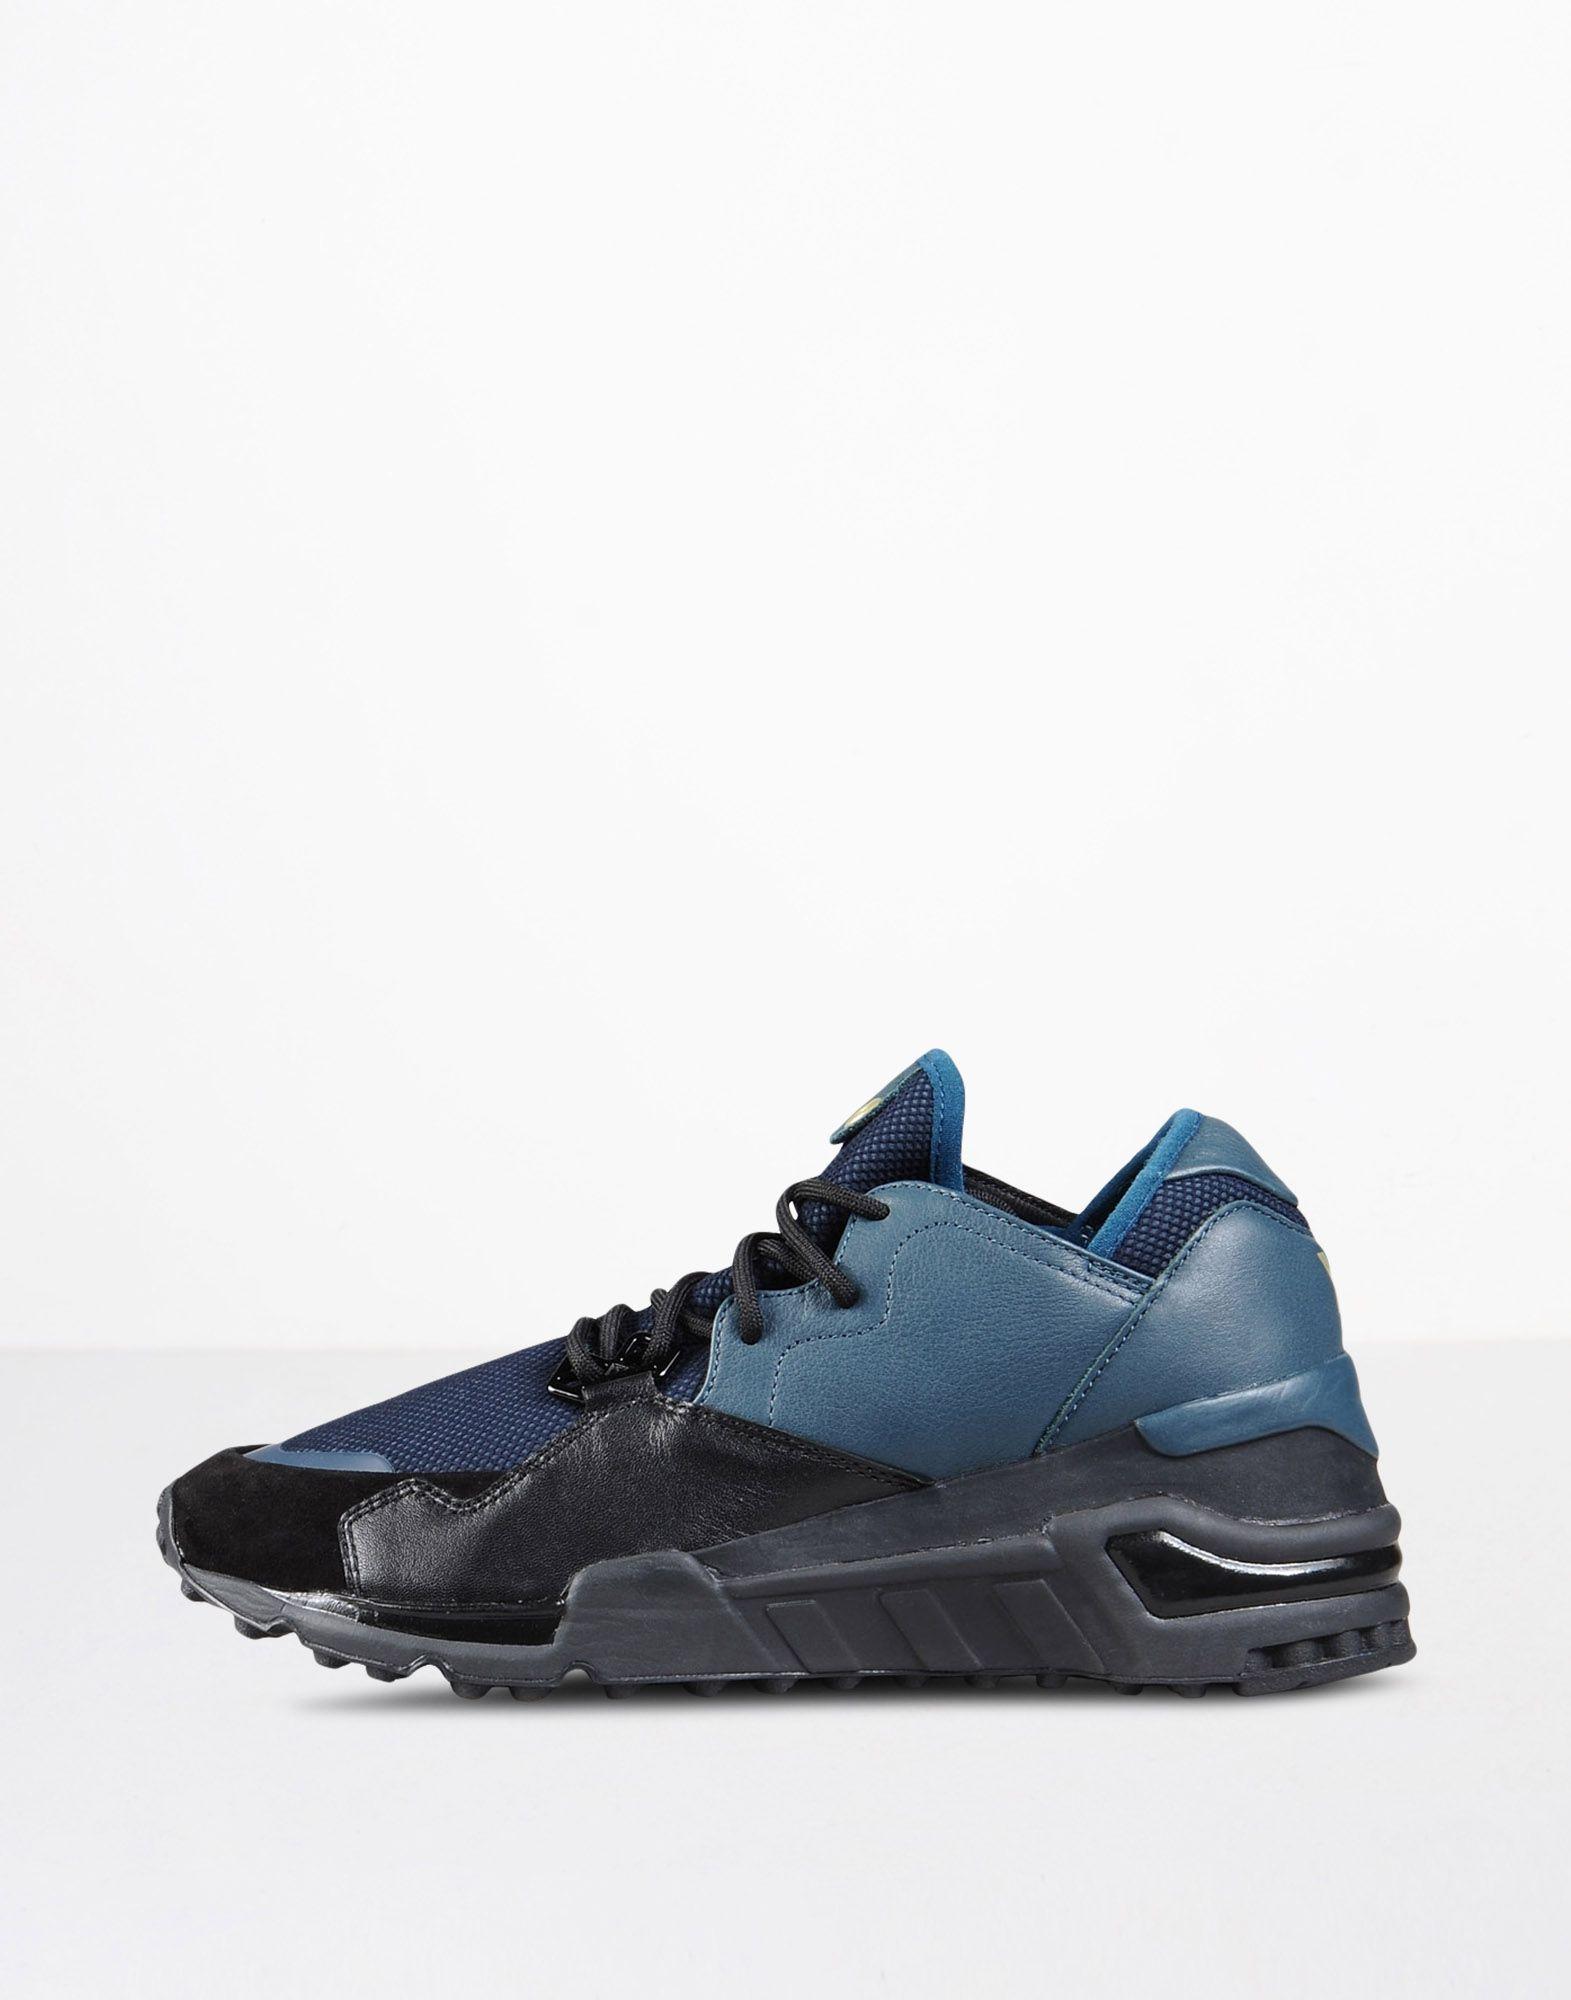 outlet store 7d461 613cf ... Y-3 Y-3 WEDGE SOCK RUN Sneakers Woman ...